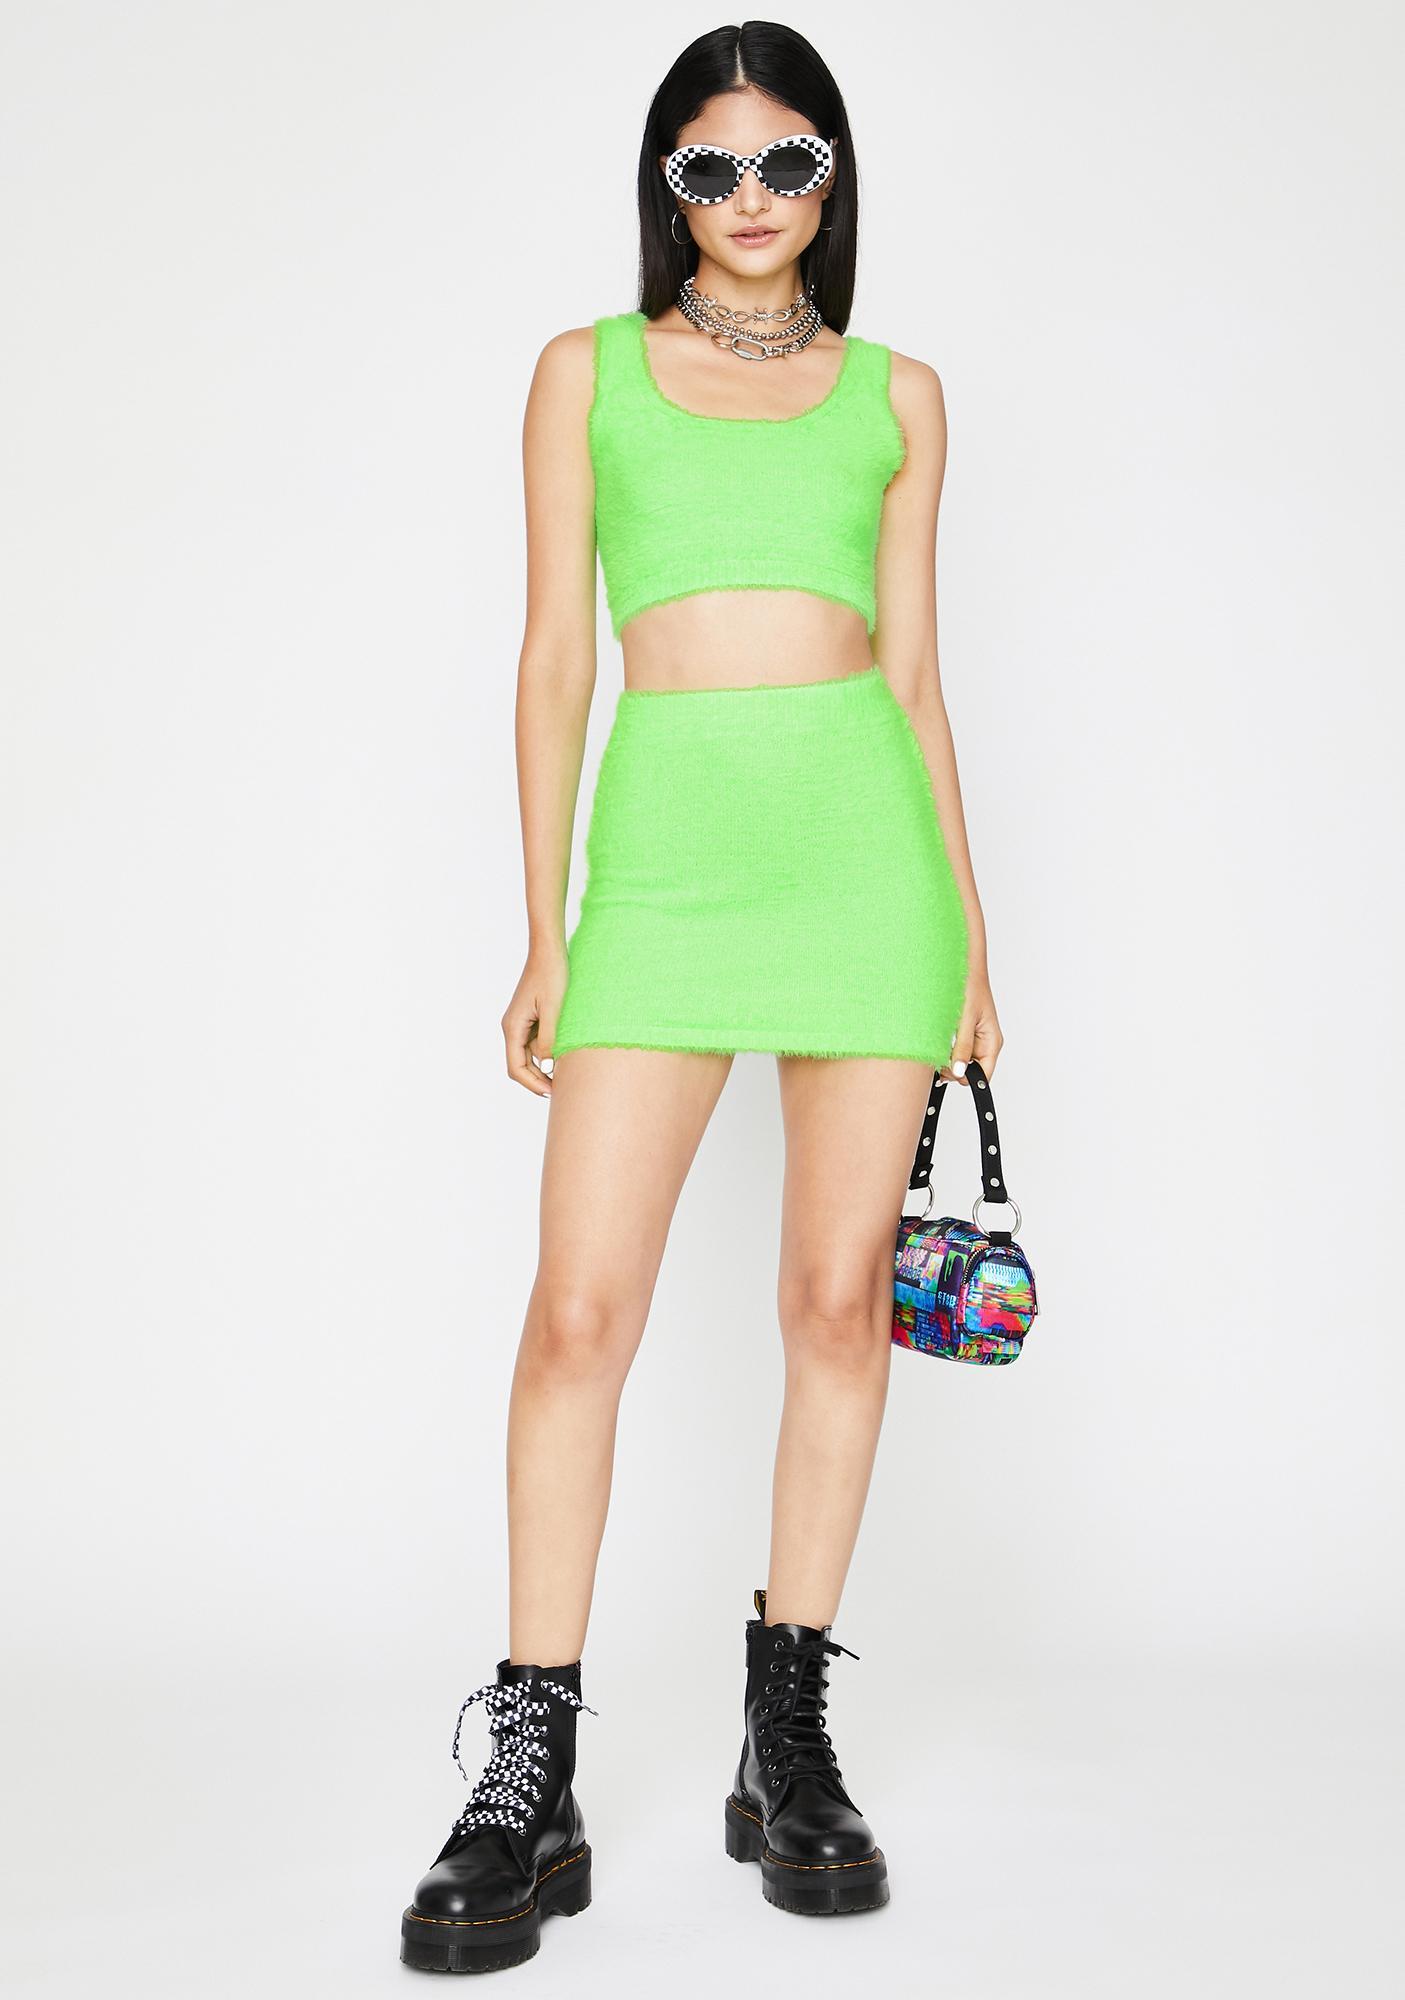 Soft Power Skirt Set